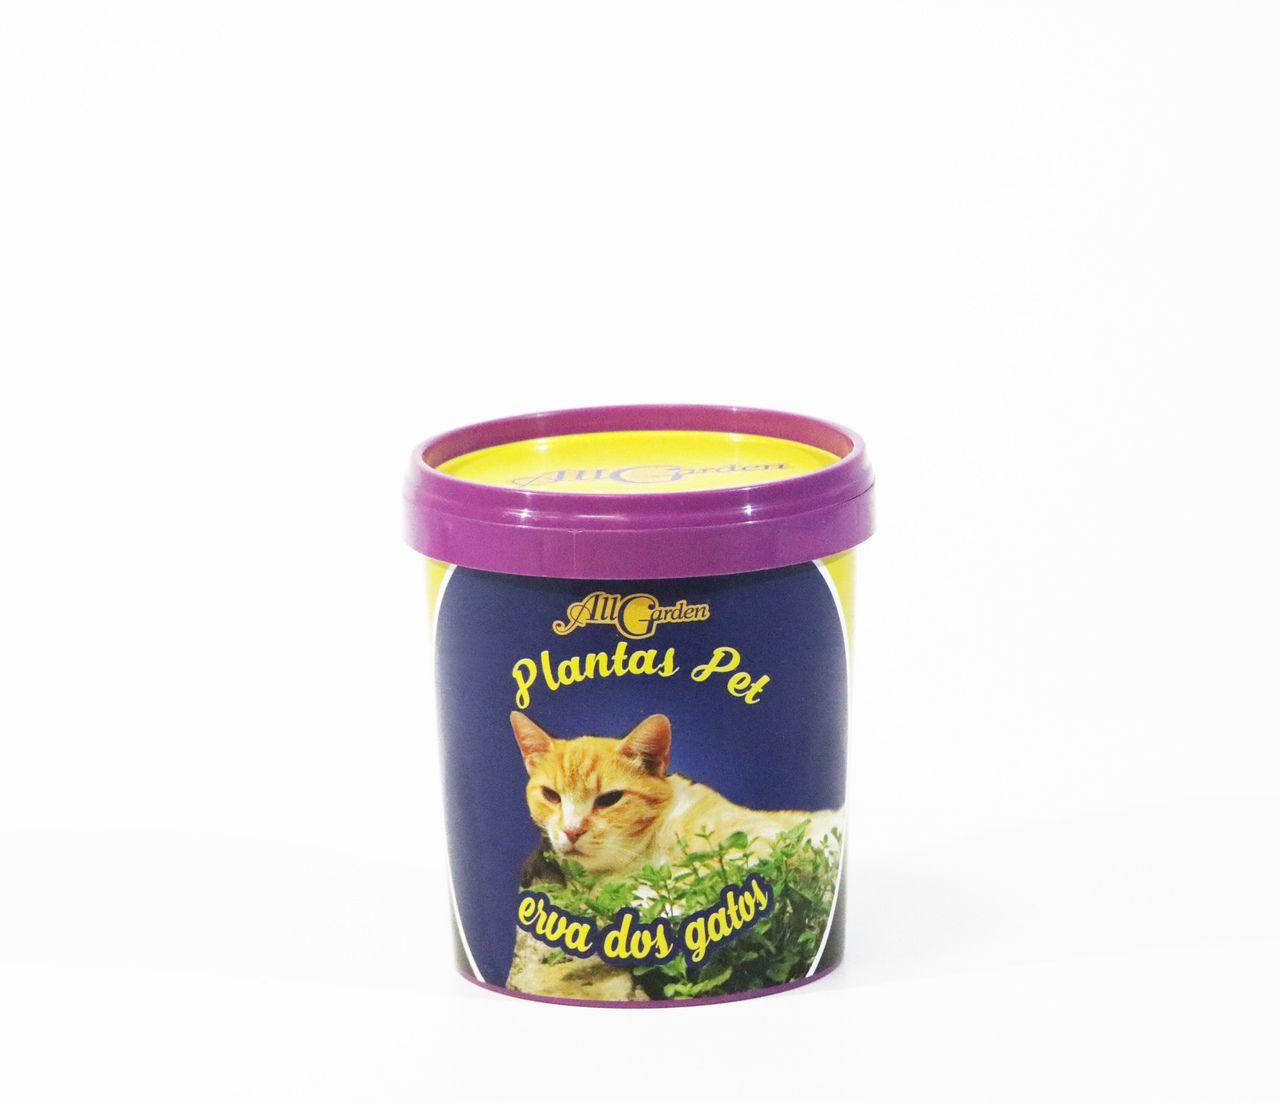 Plantas Pet Ervas dos Gatos All Garden